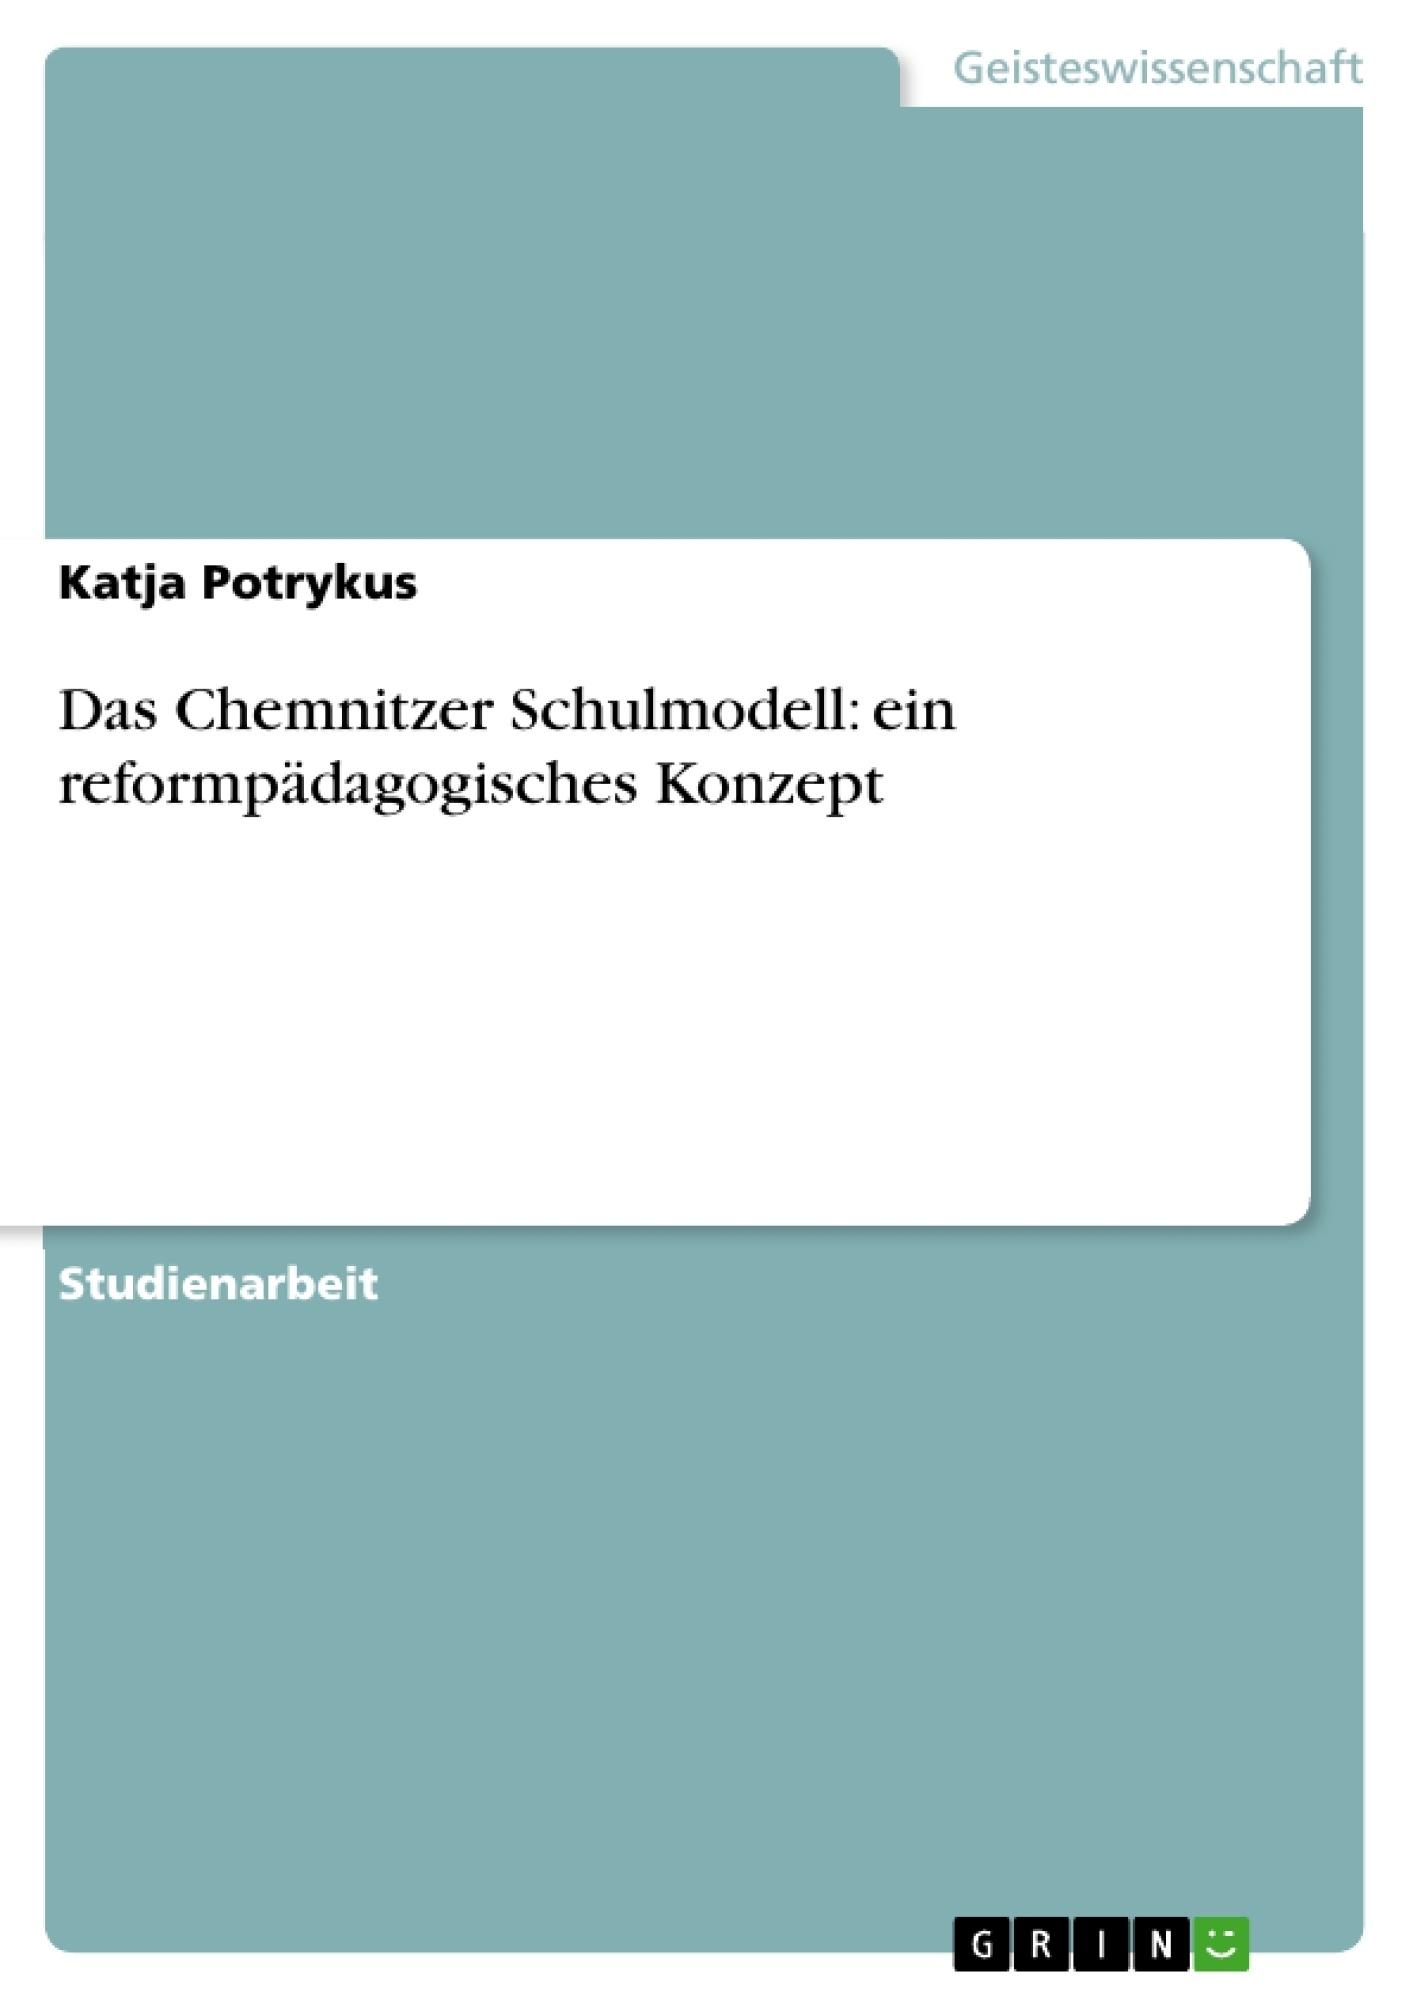 Das Chemnitzer Schulmodell: ein reformpädagogisches Konzept ...